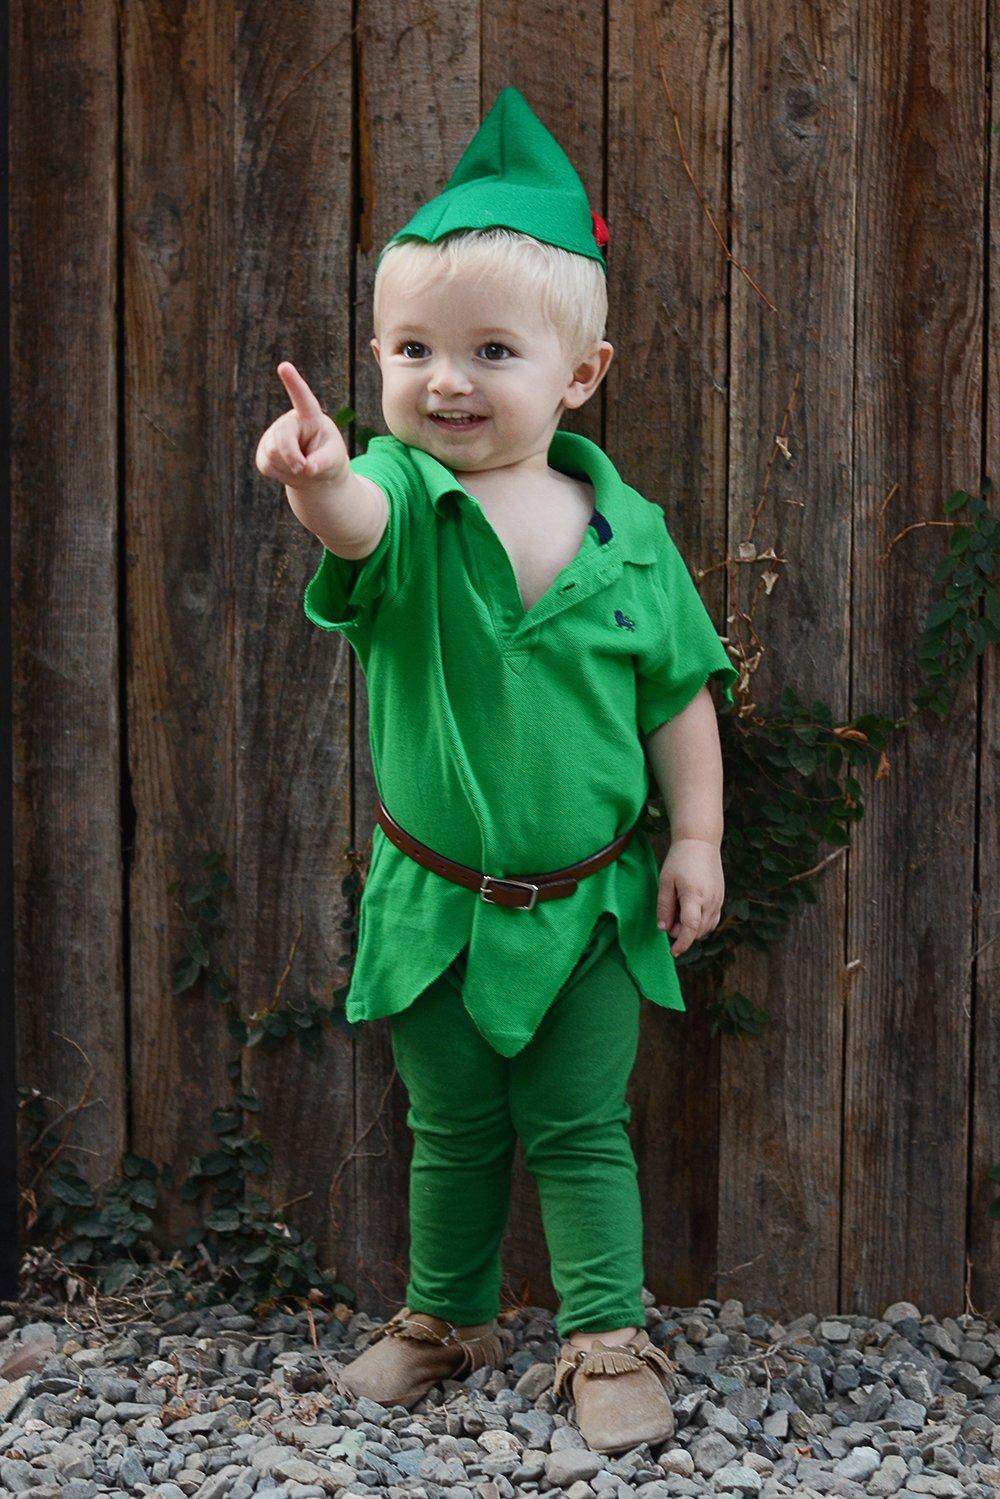 Peter Pan Costume | merricksart.com